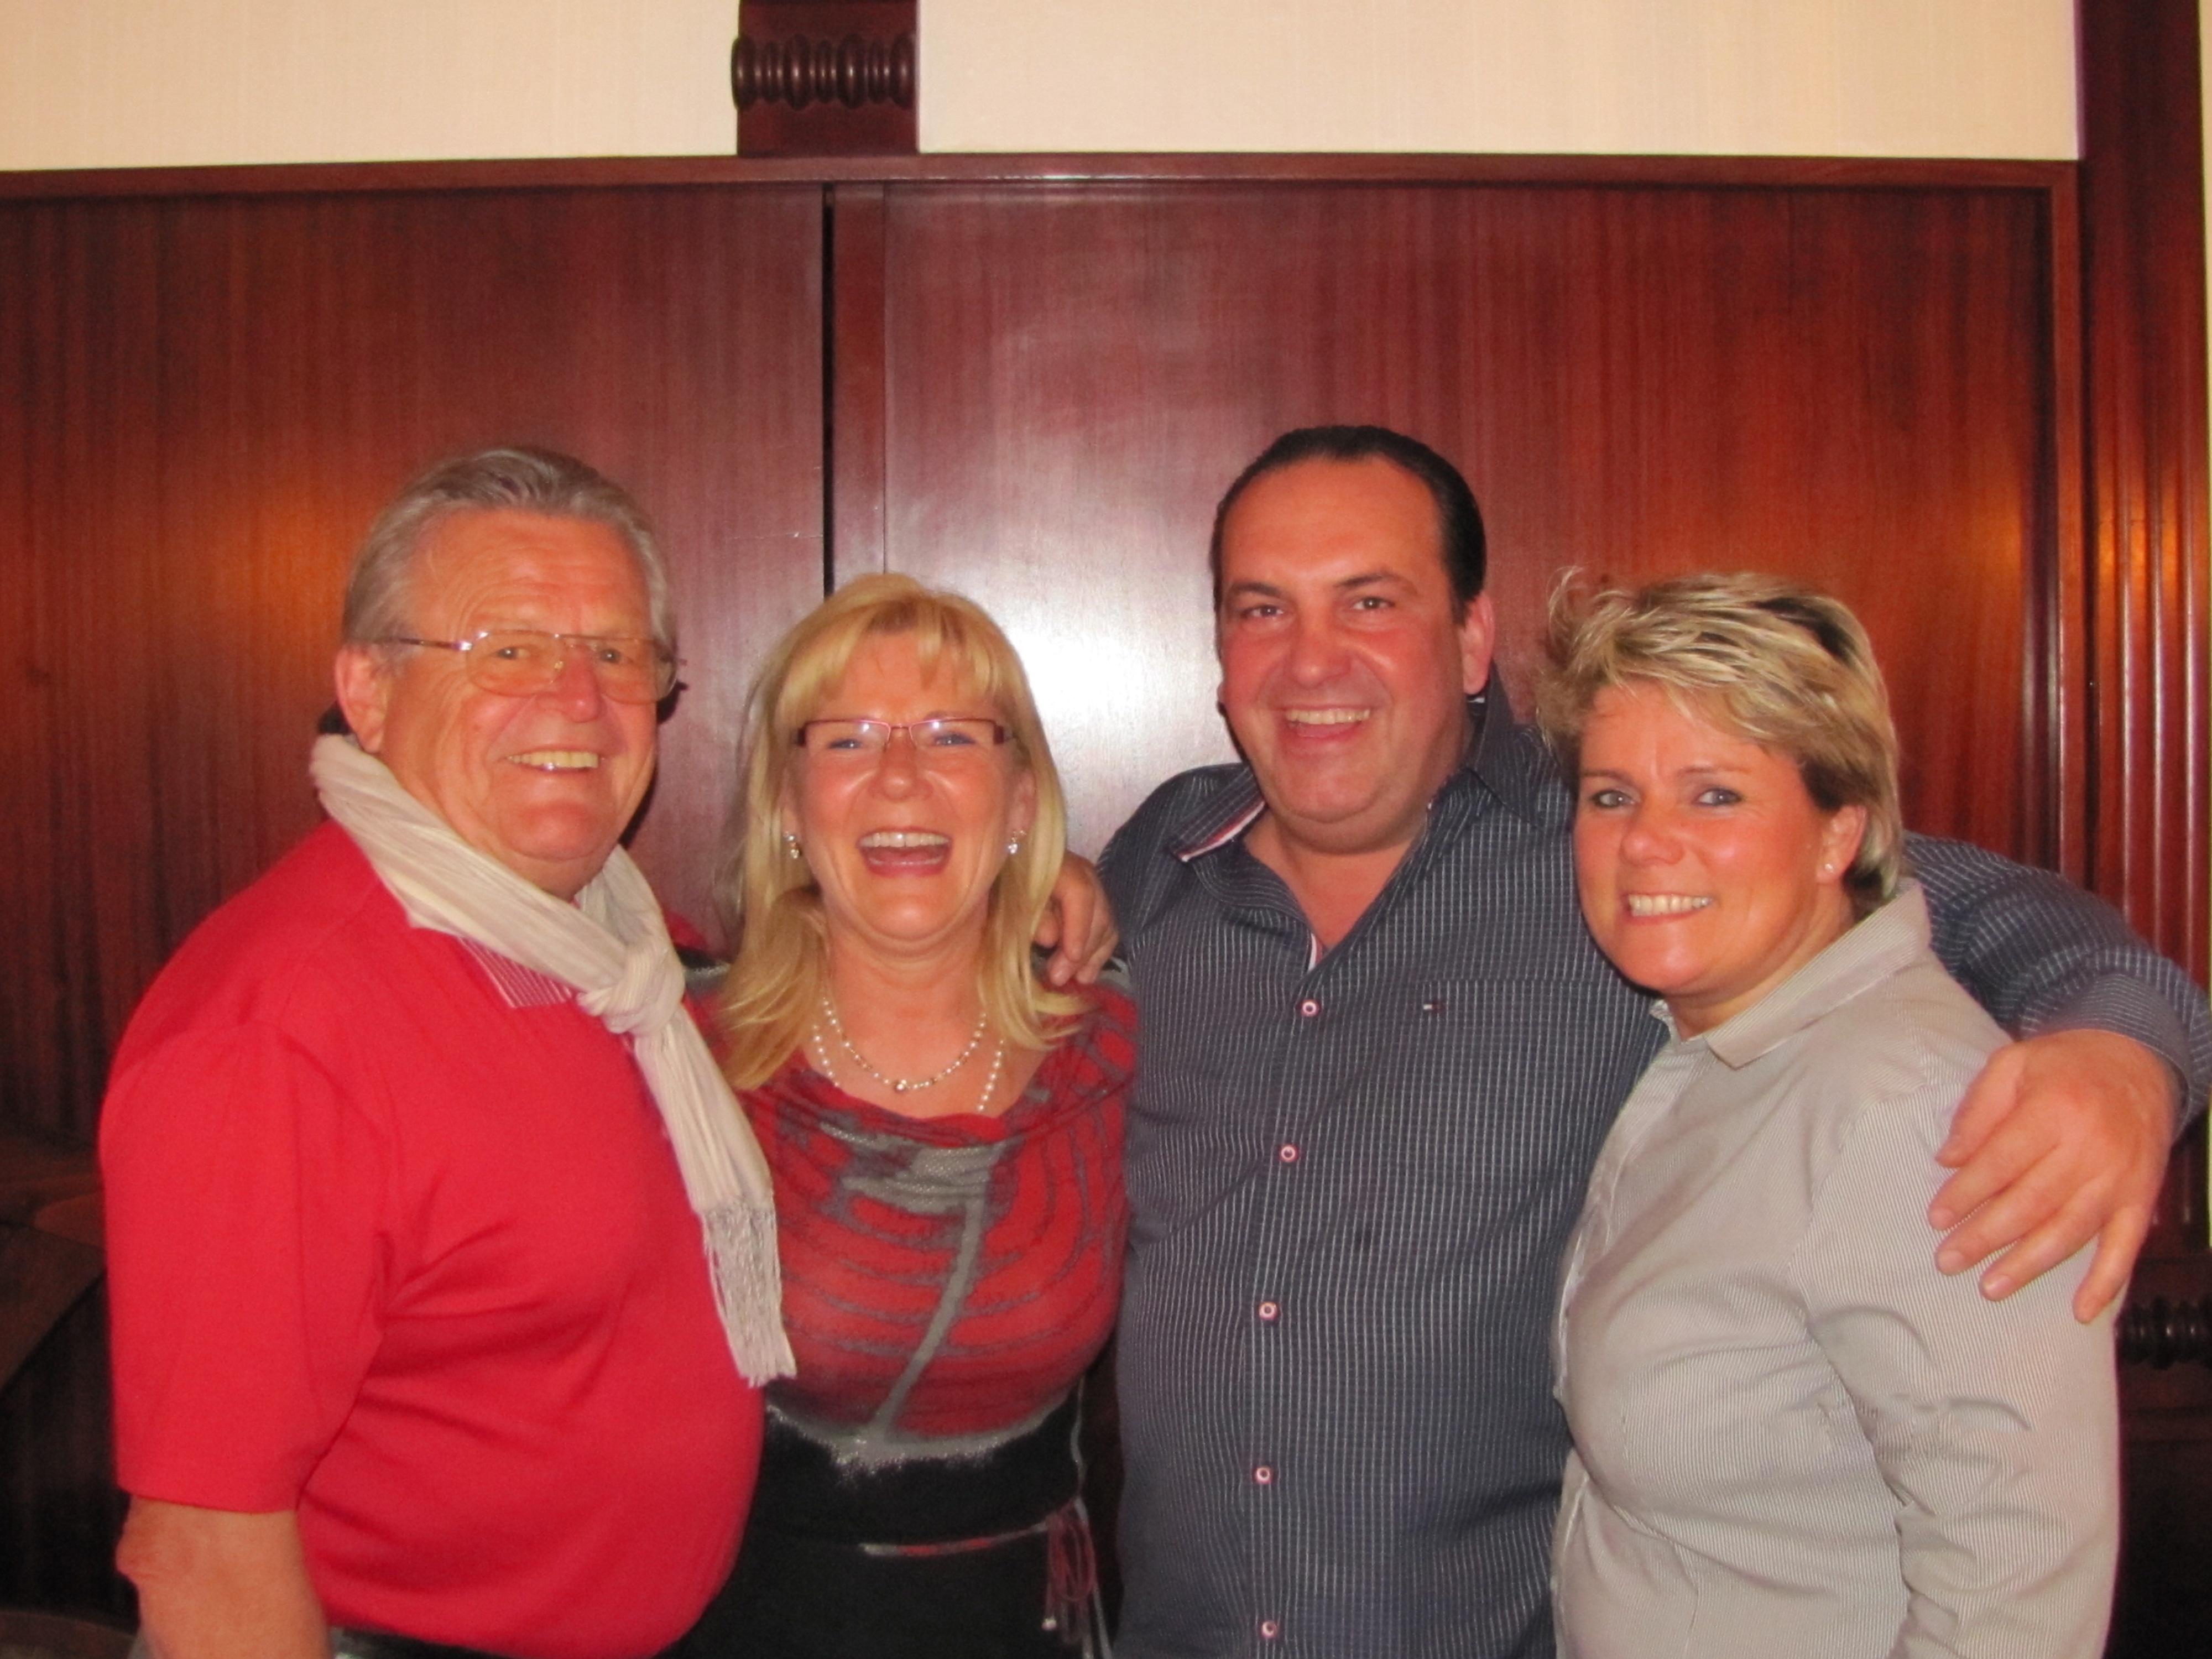 Arnold, Anita, Tommy und Uschel